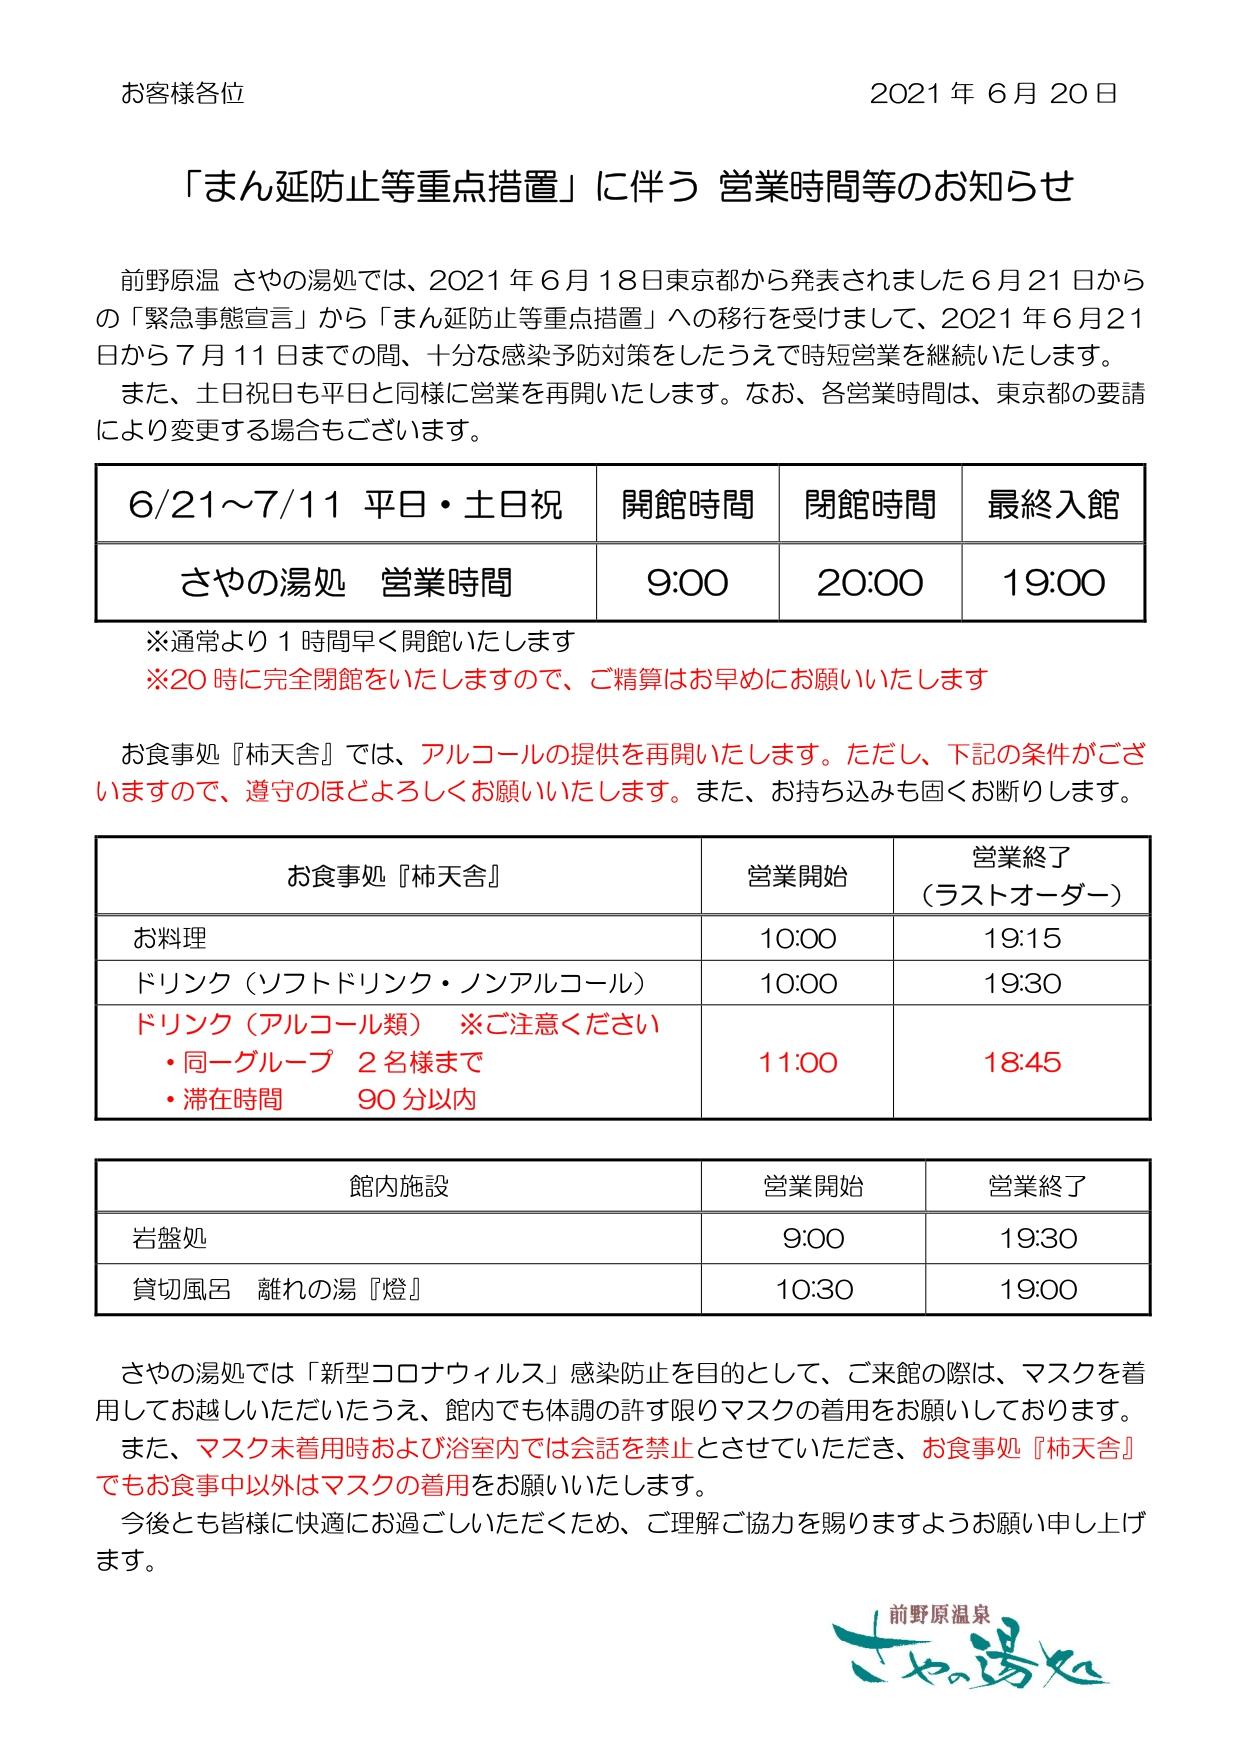 「まん延防止等重点措置」に伴う 営業時間等のお知らせ(6/21~7/11)